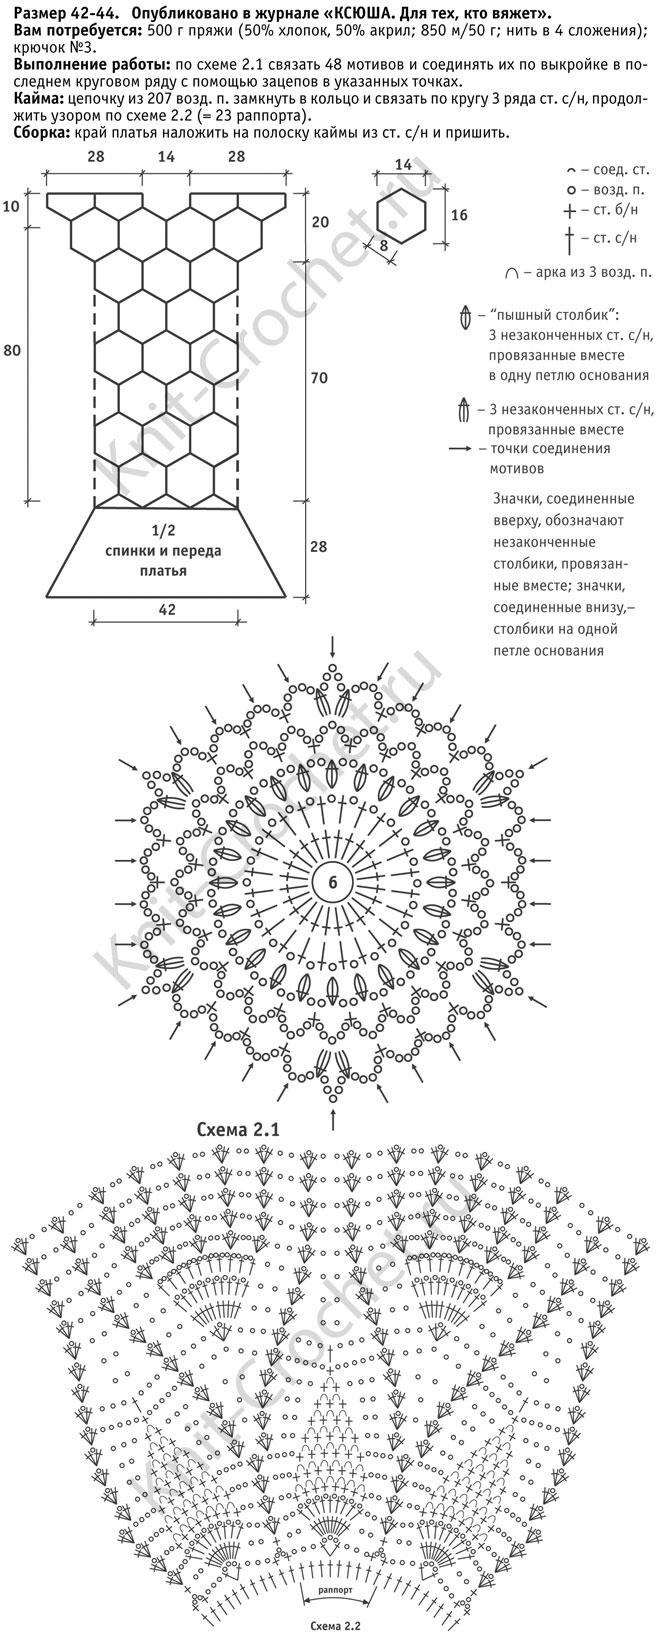 Выкройка, схемы узоров с описанием вязания крючком длинного платья с каймой размера 42-44.